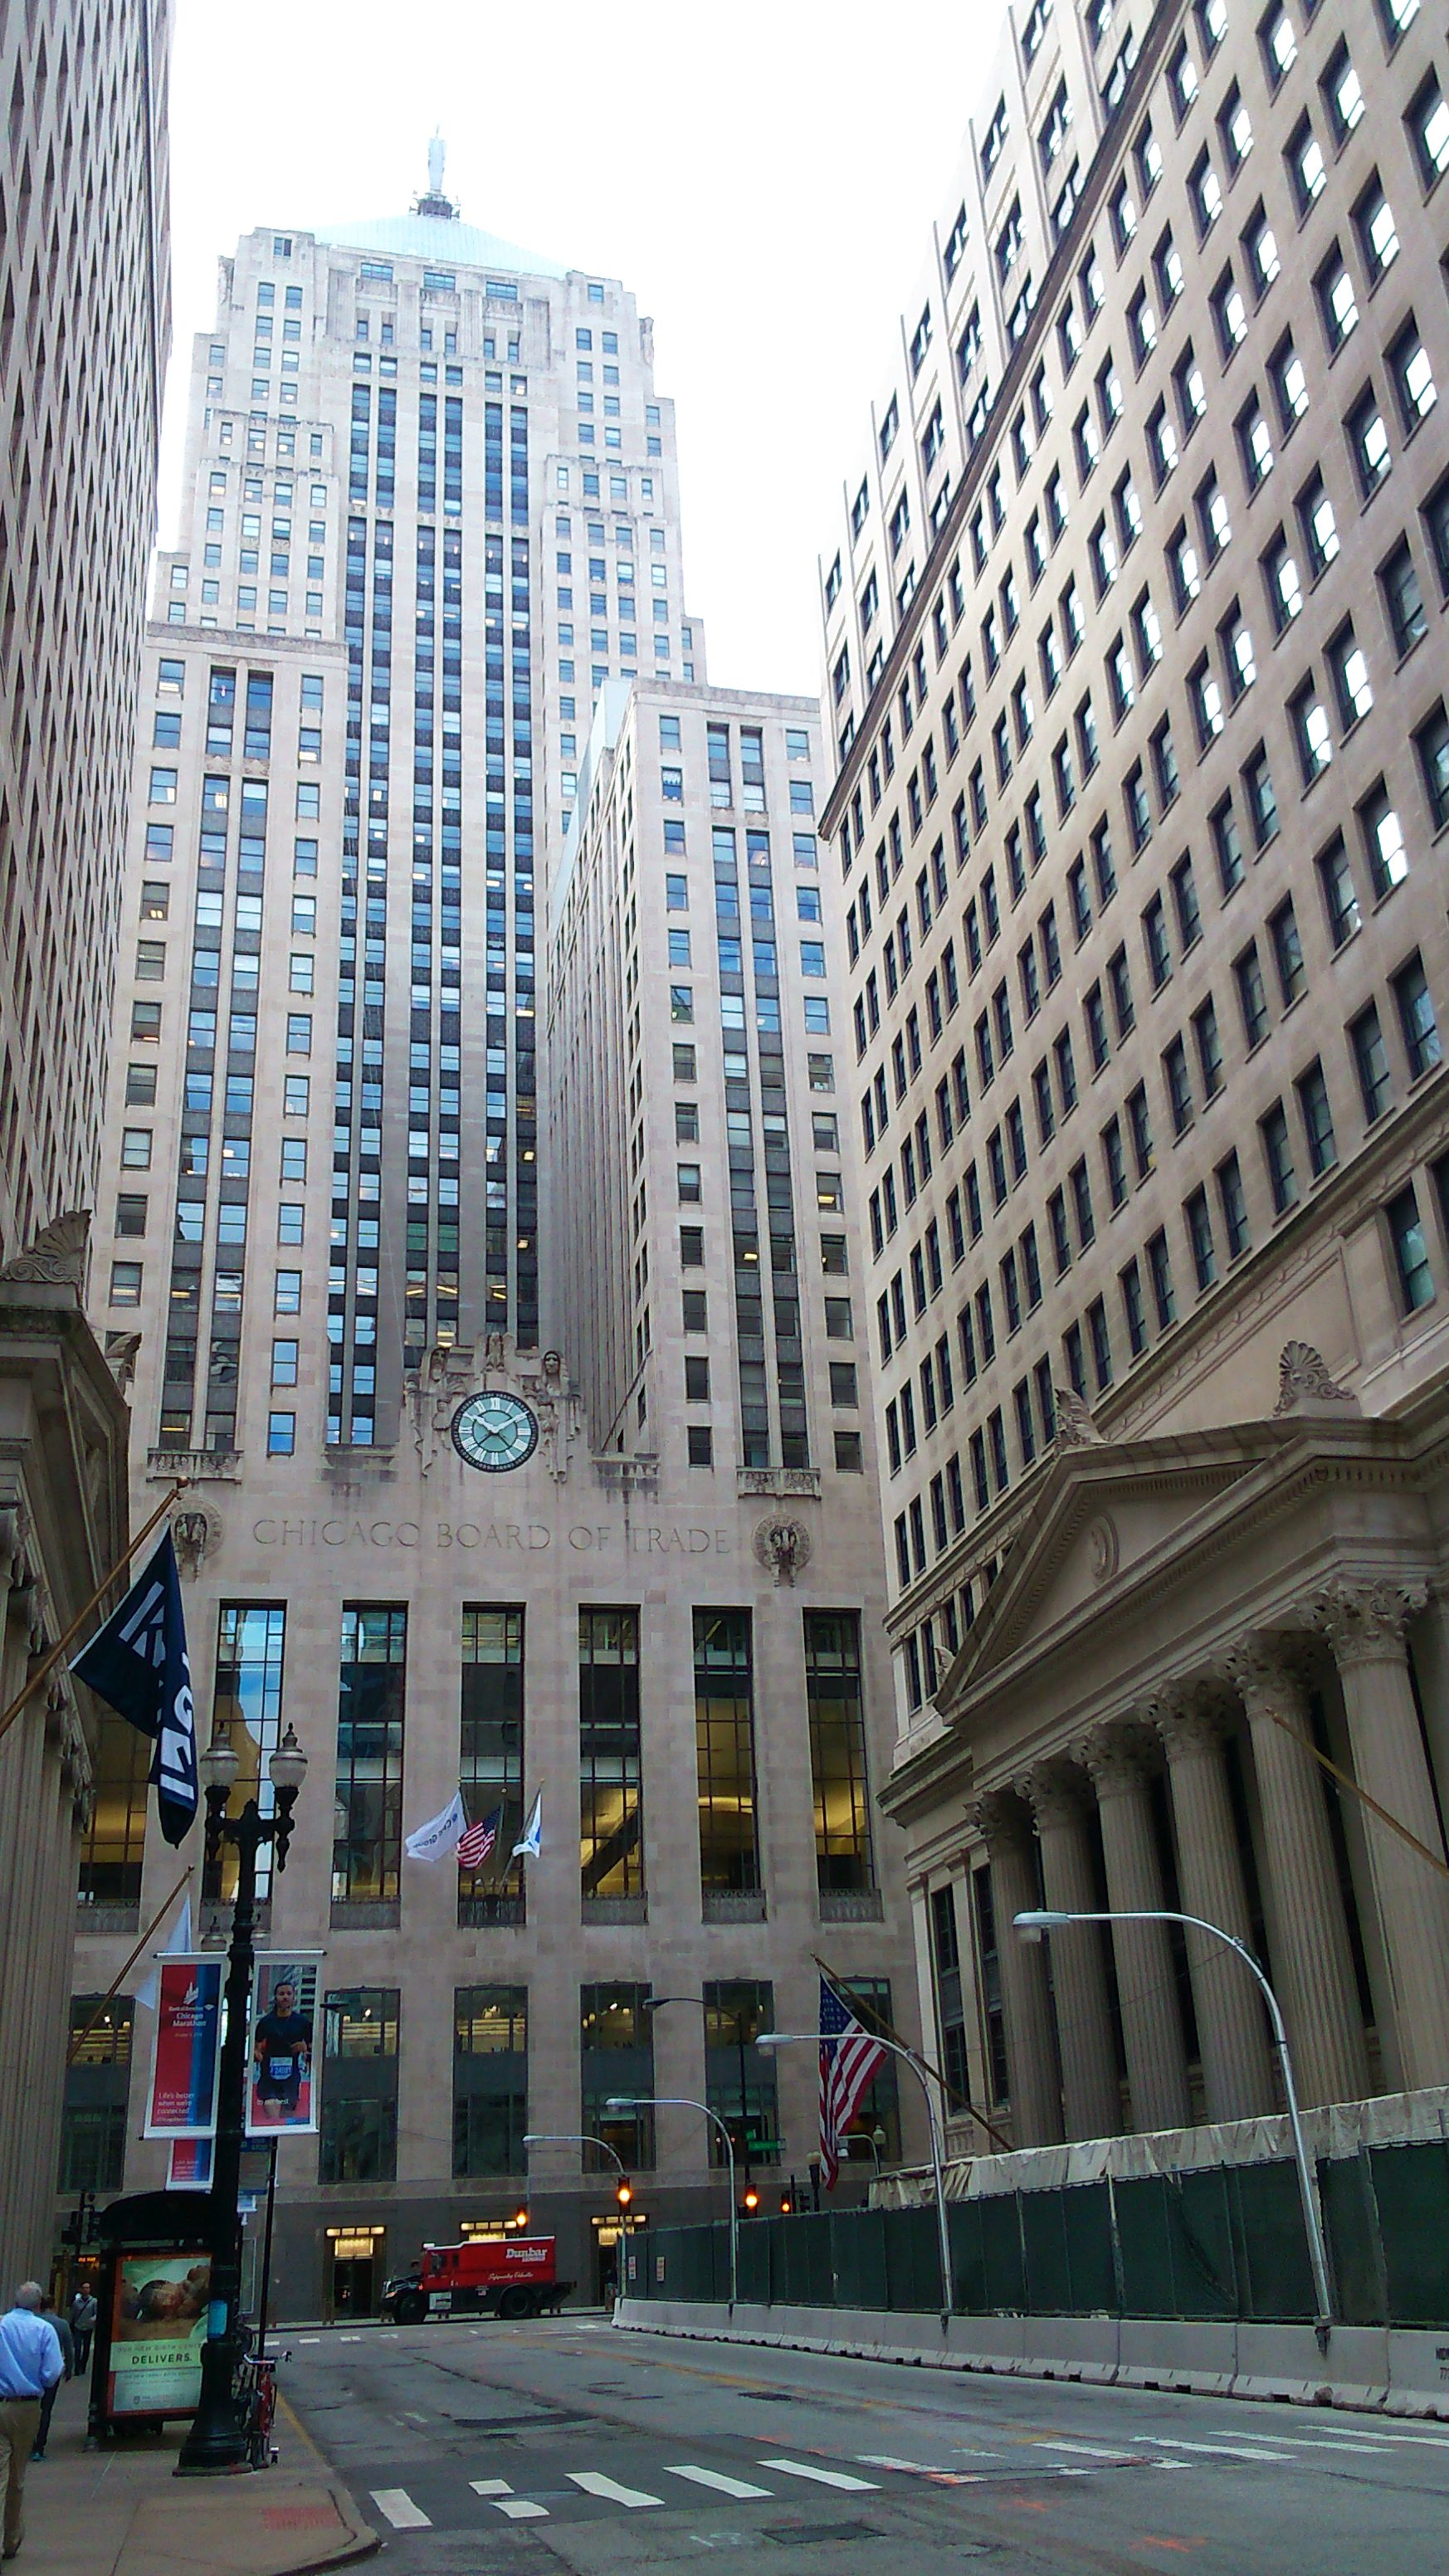 Chicago Board of Trade, jedna z najstarších búrz na svete založená v 1848